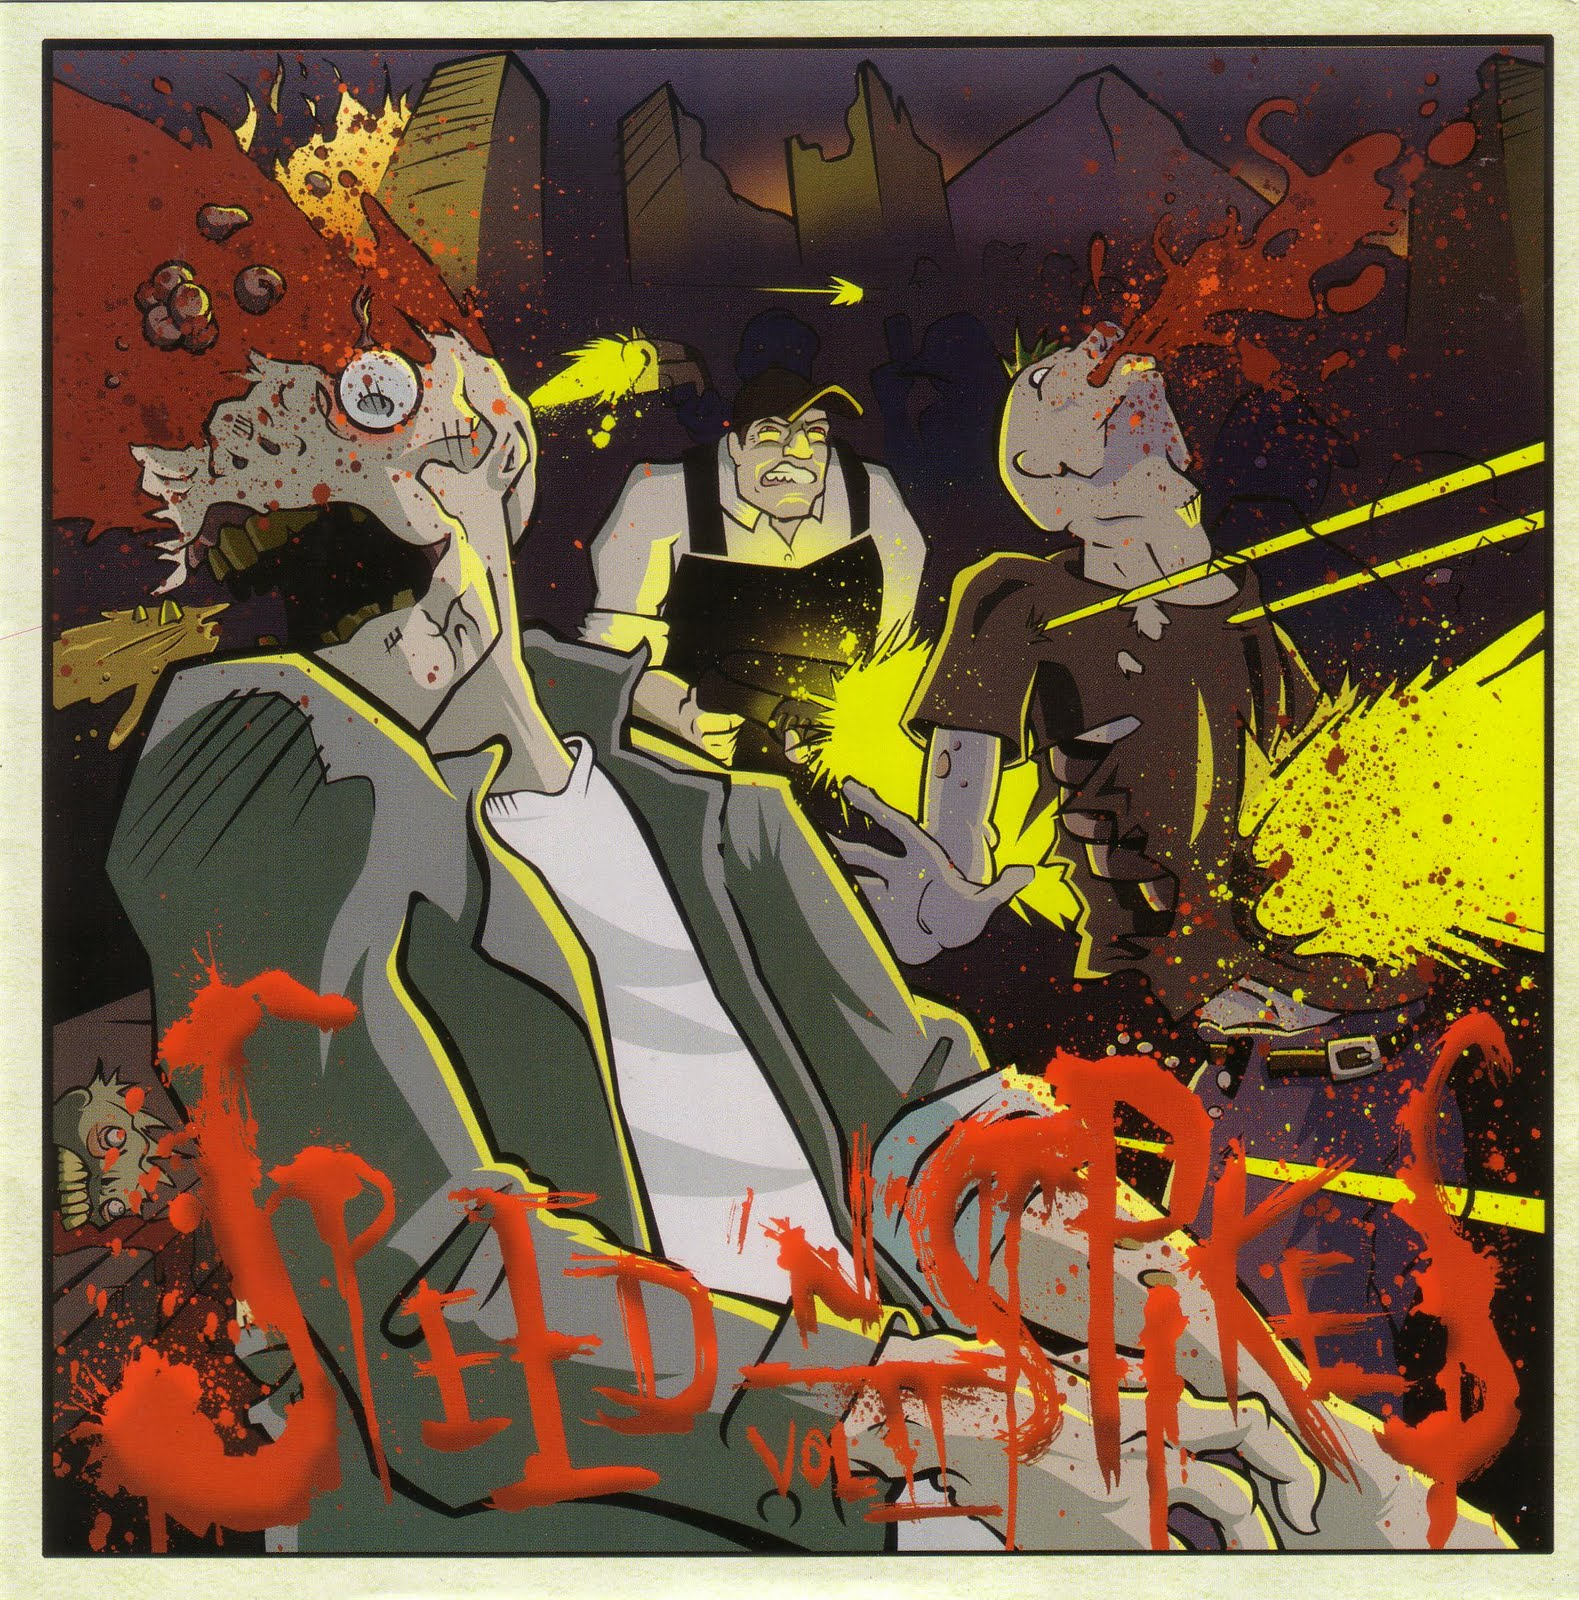 Gênero: Thrash Metal/ Black